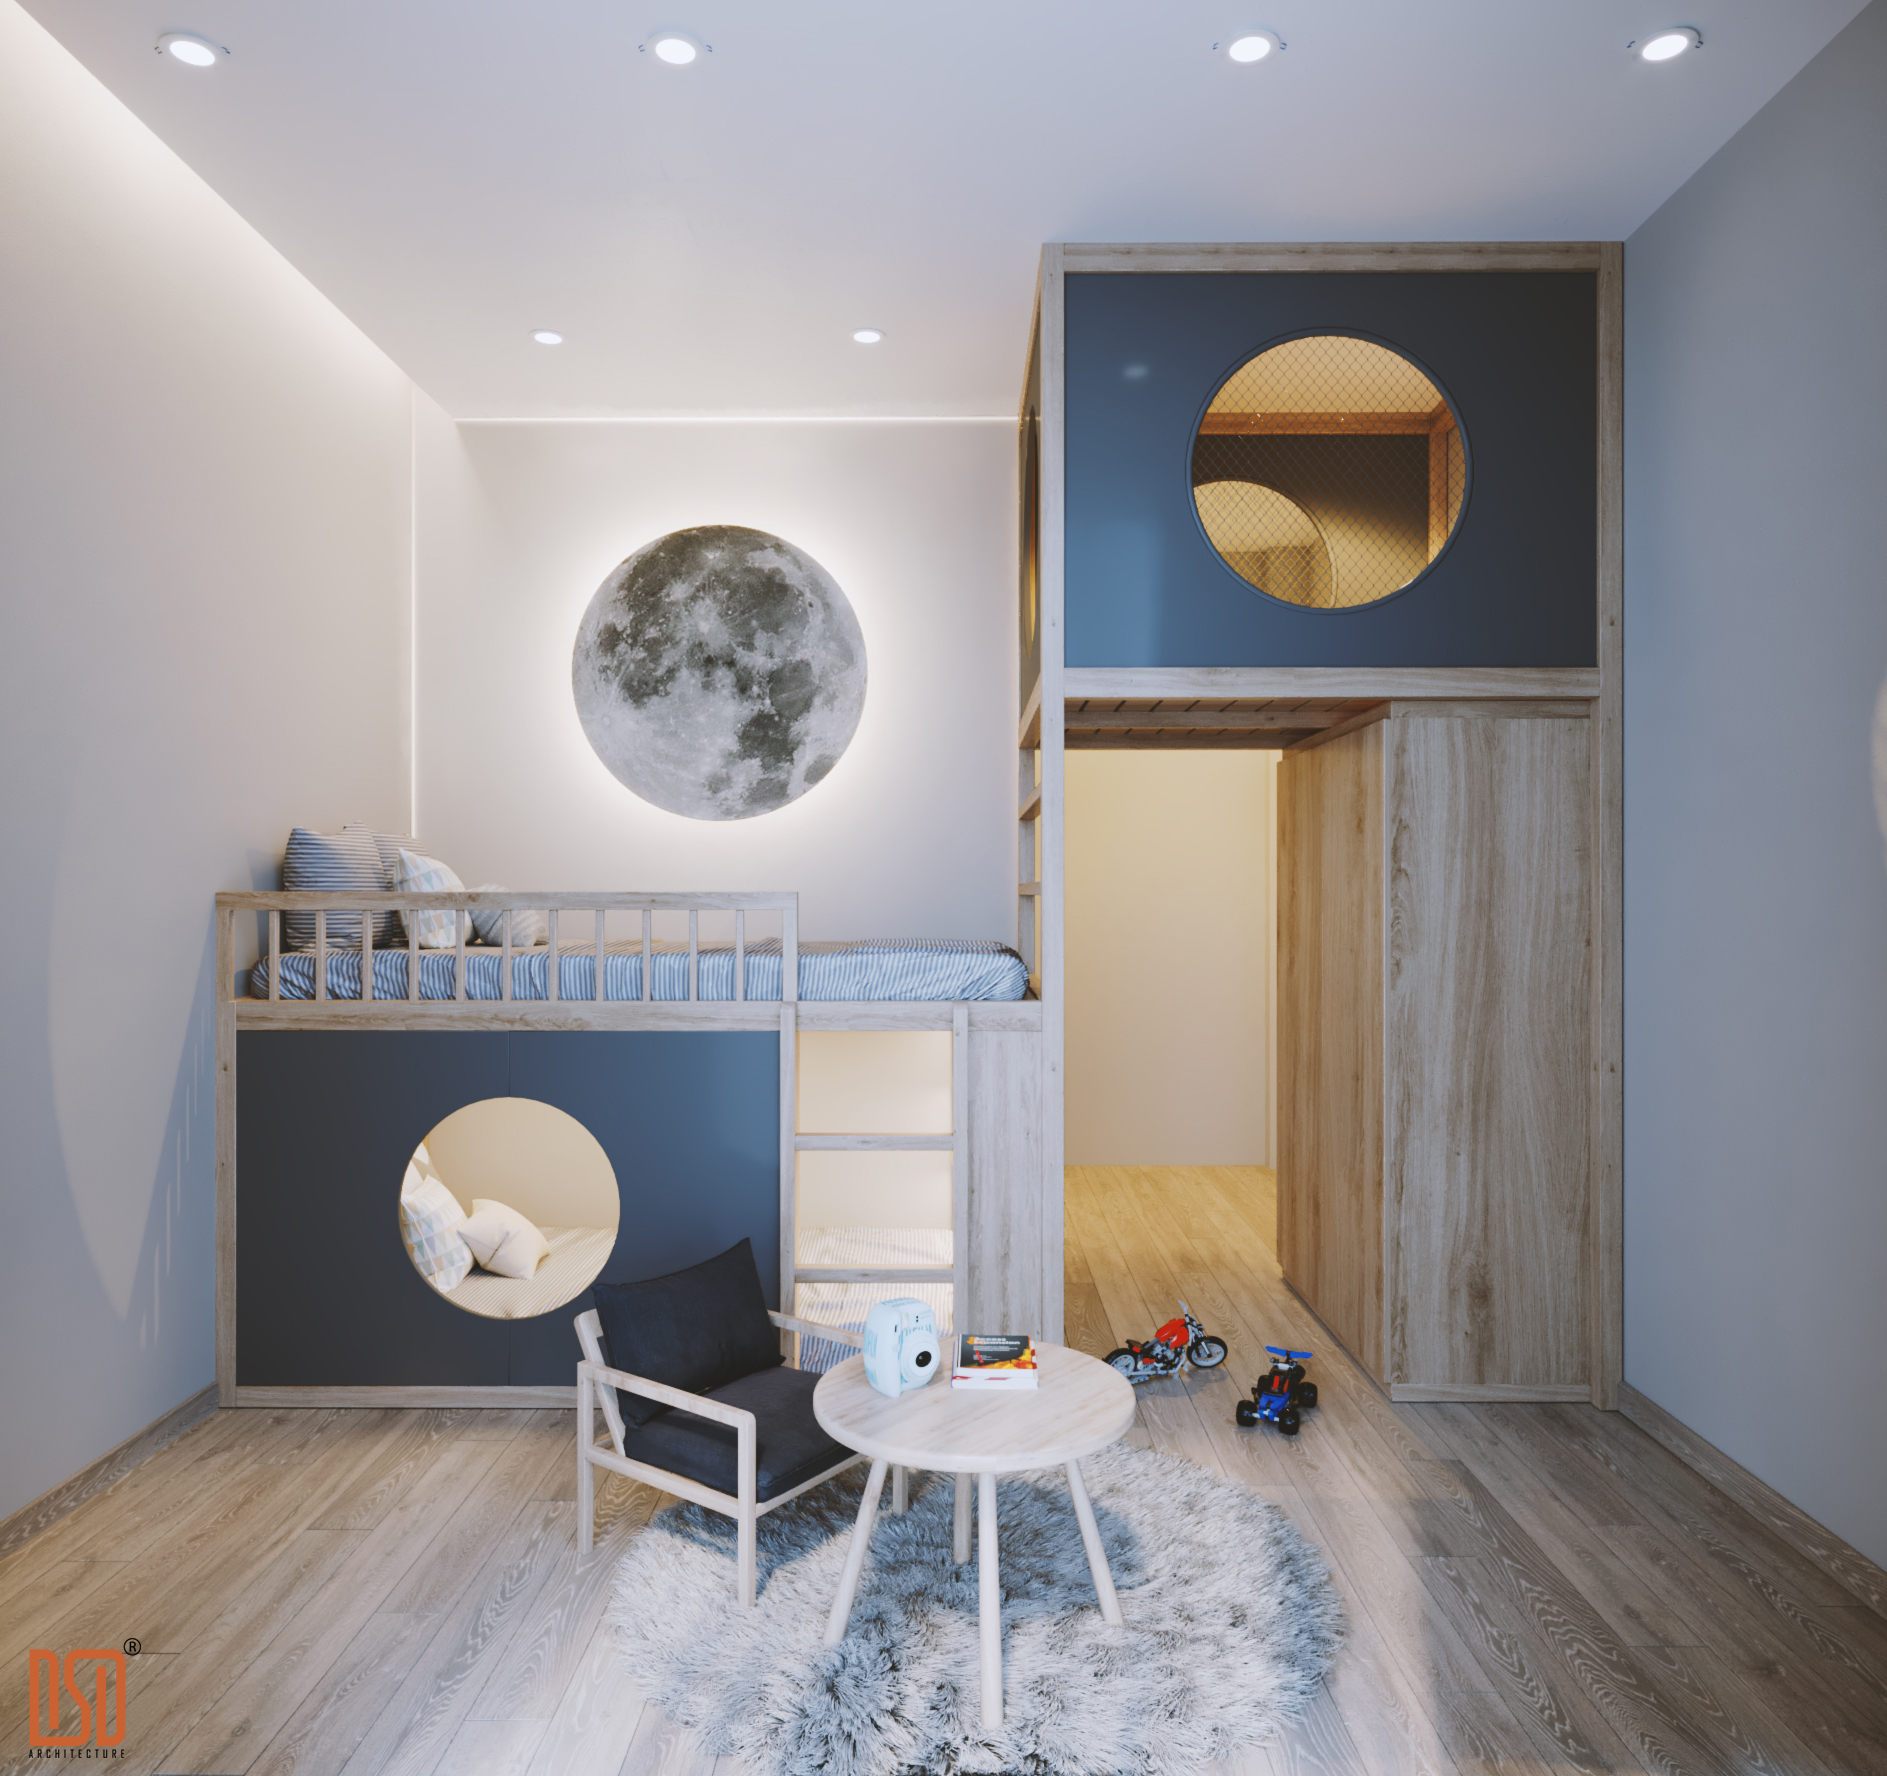 4 món đồ thiết yếu trong thiết kế nội thất phòng trẻ em mà cha mẹ nên chú ý chọn lựa